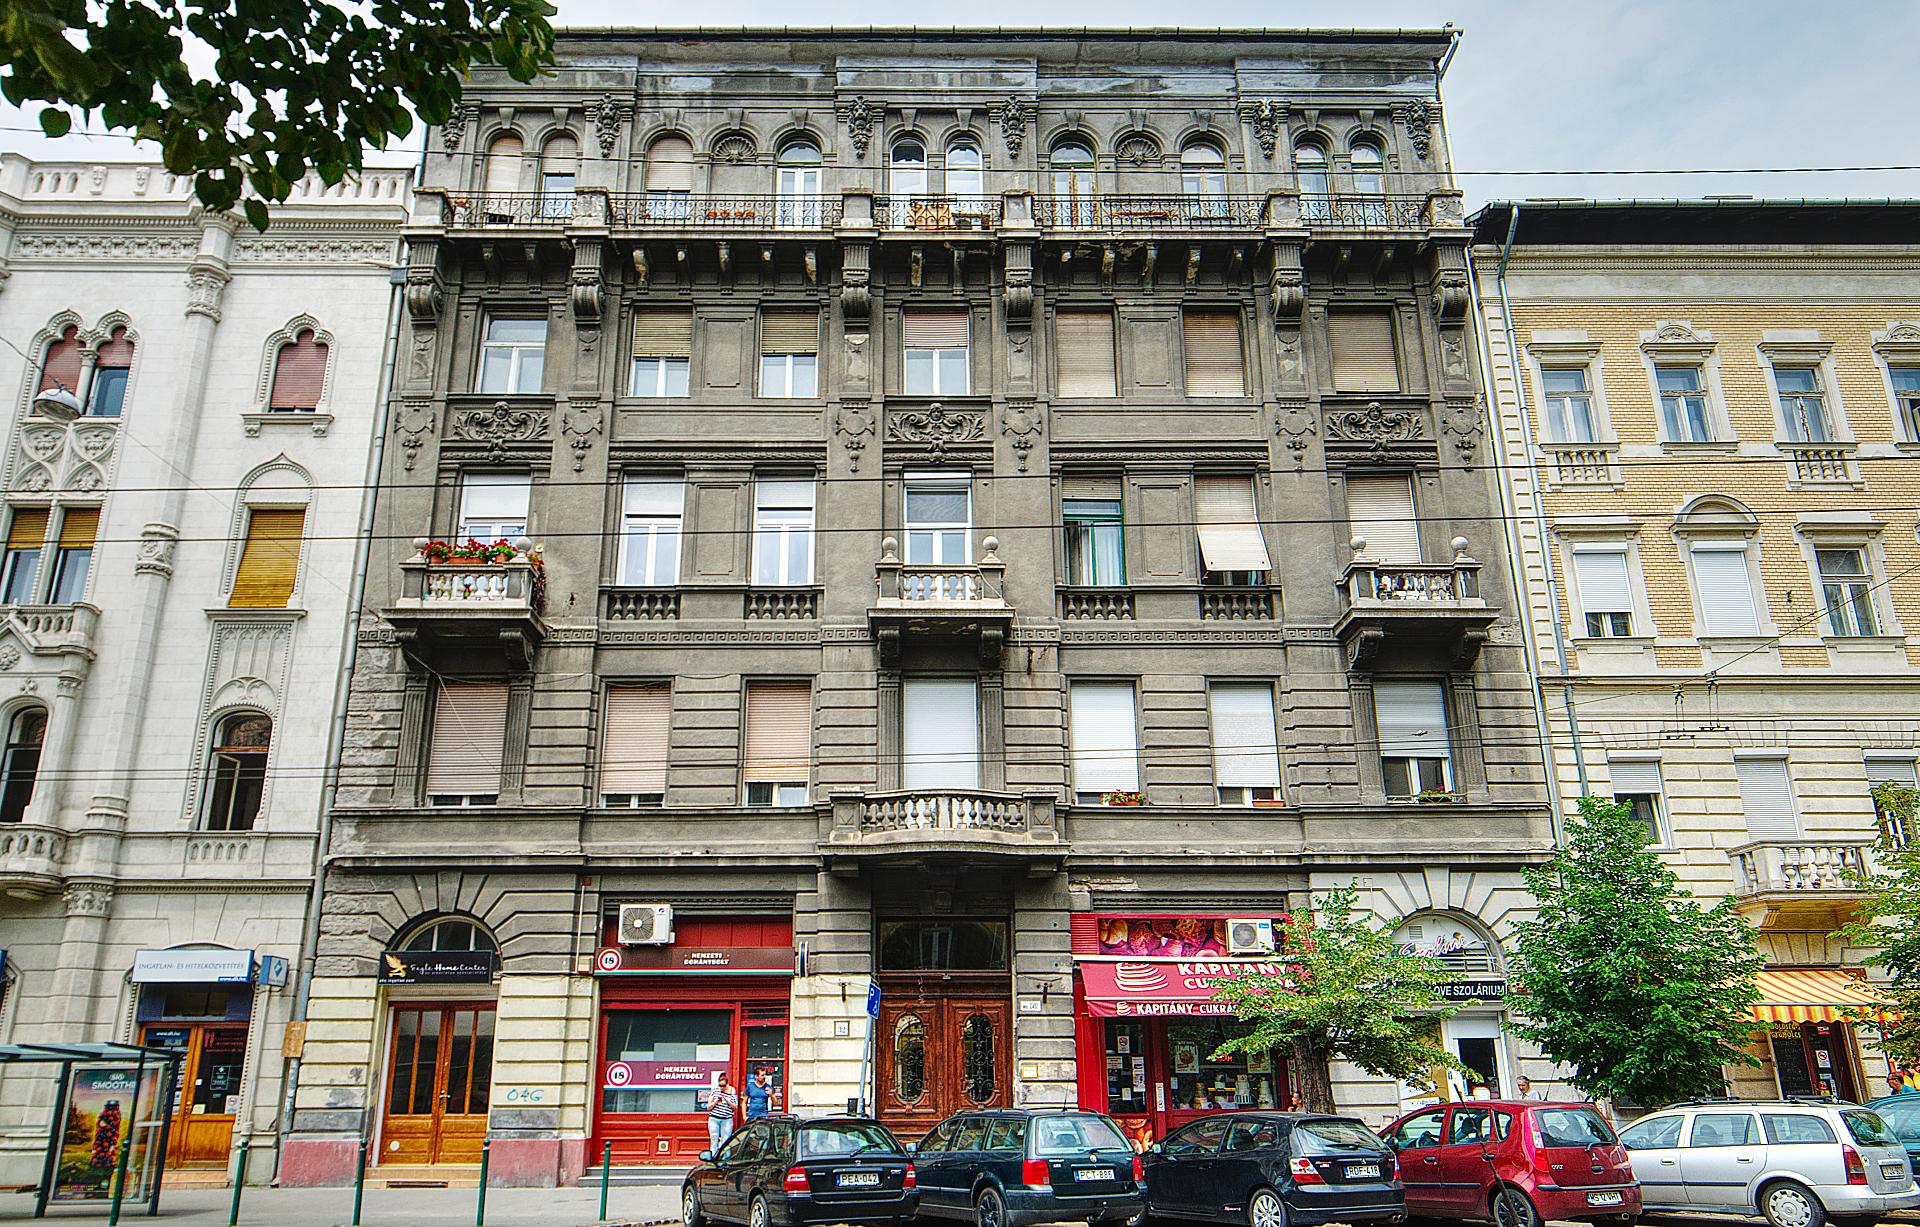 District 7, Damjanich utca 32.